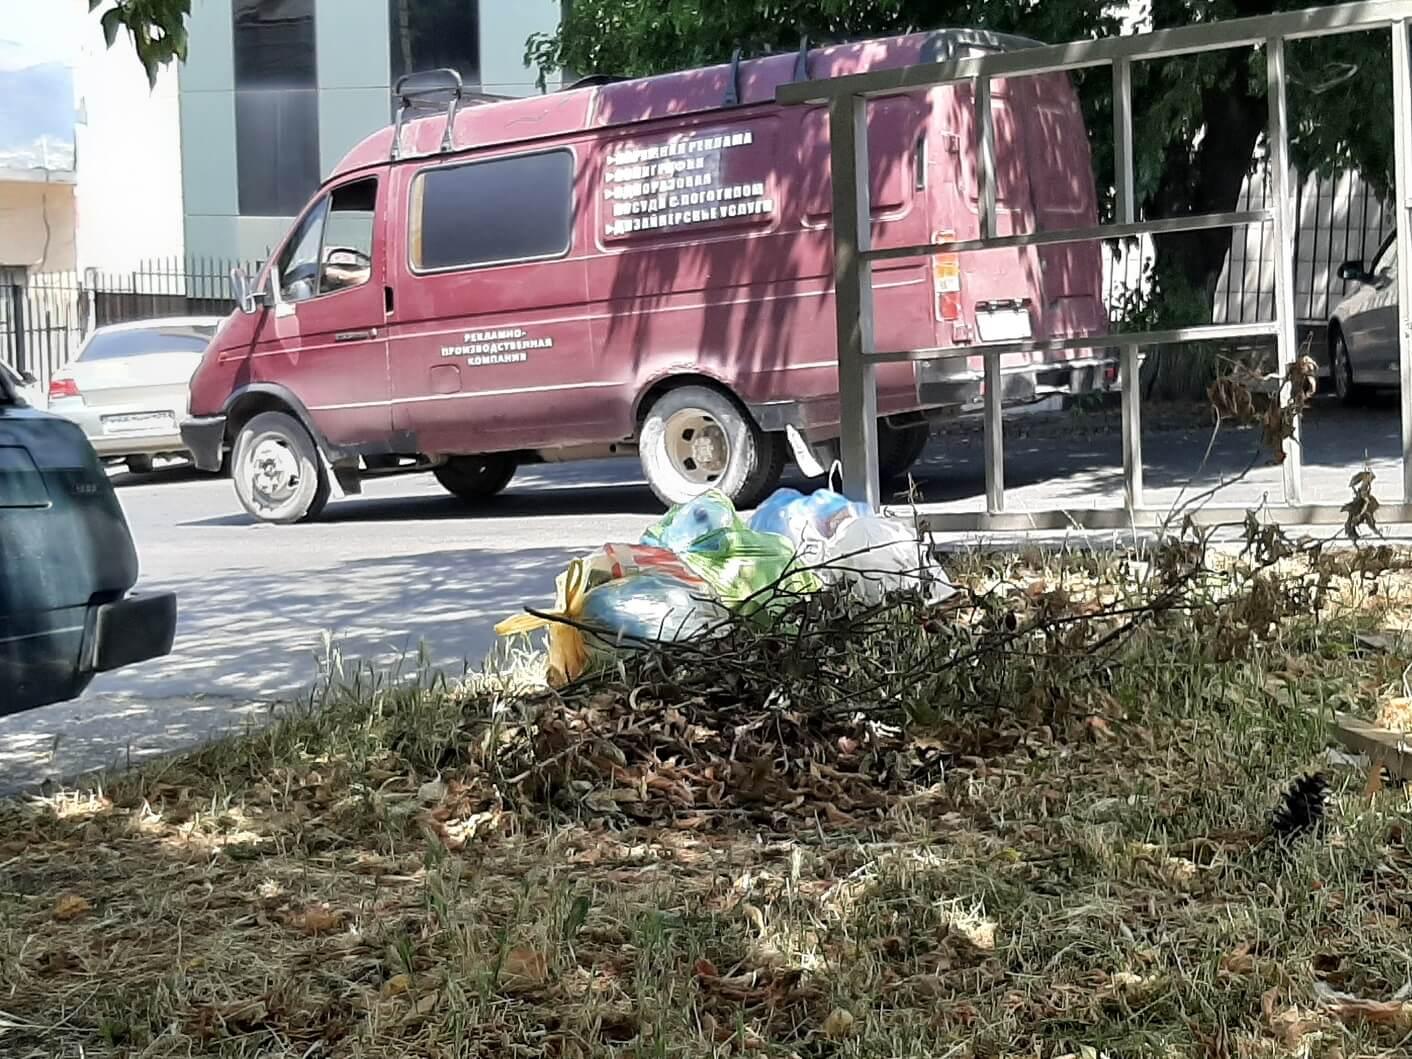 ВНовороссийске ккаждому кусту надо поставить уборщика?